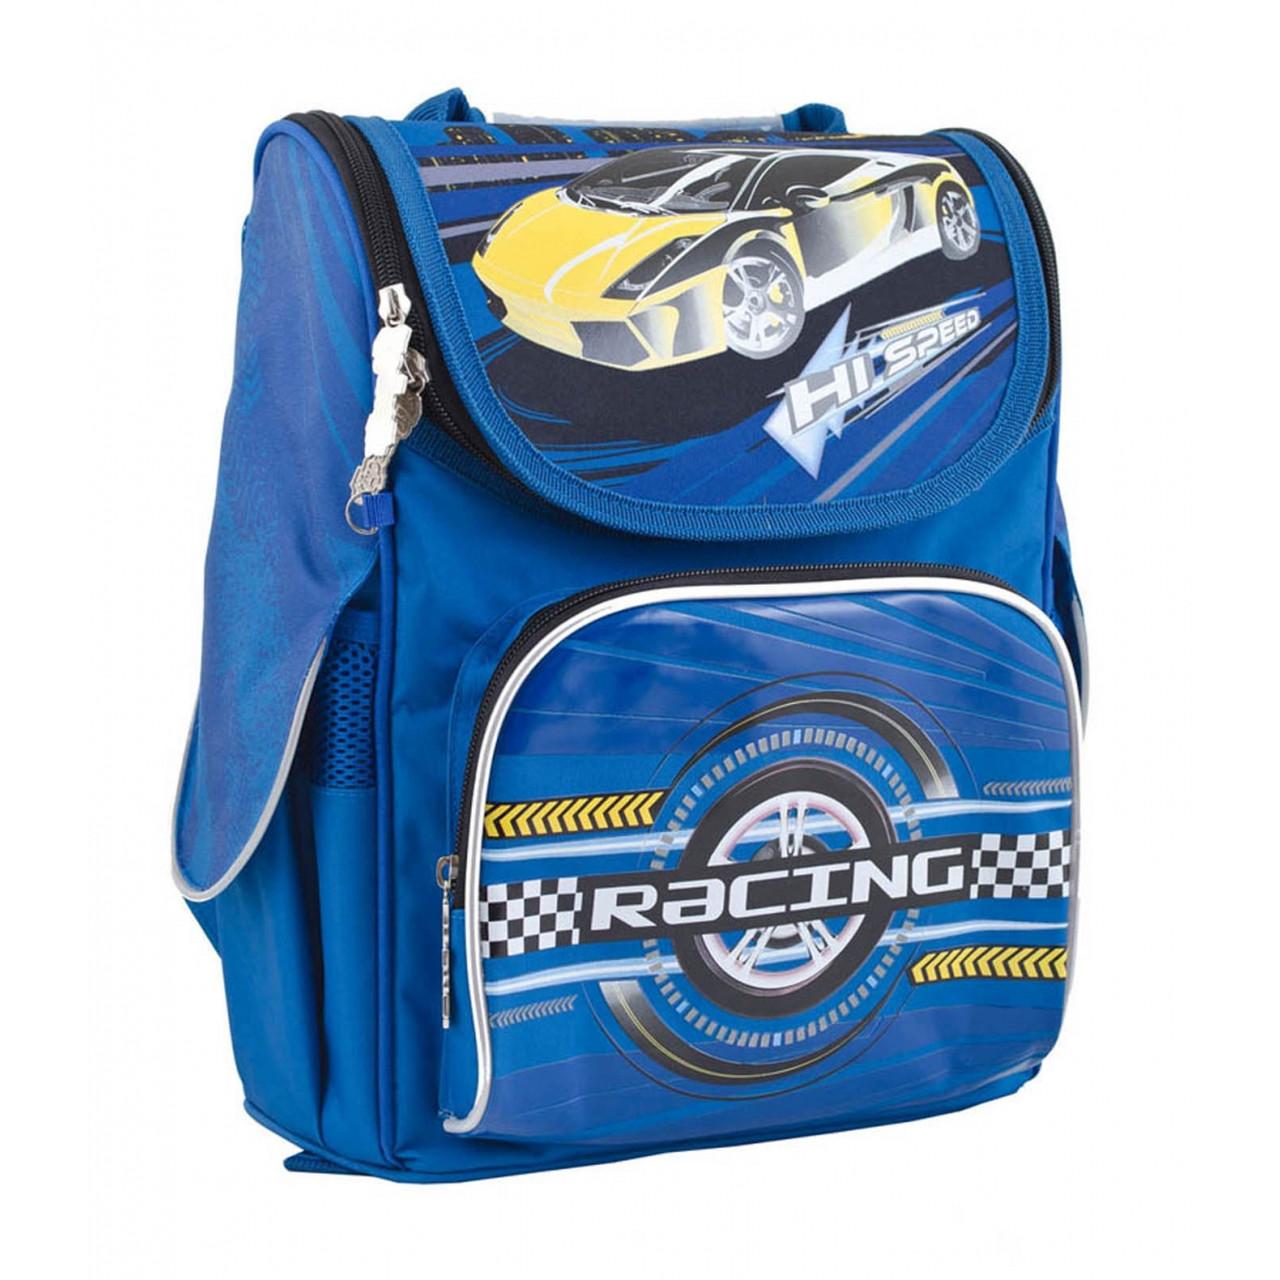 Рюкзак каркасный H-11 High Speed, 34*26*14